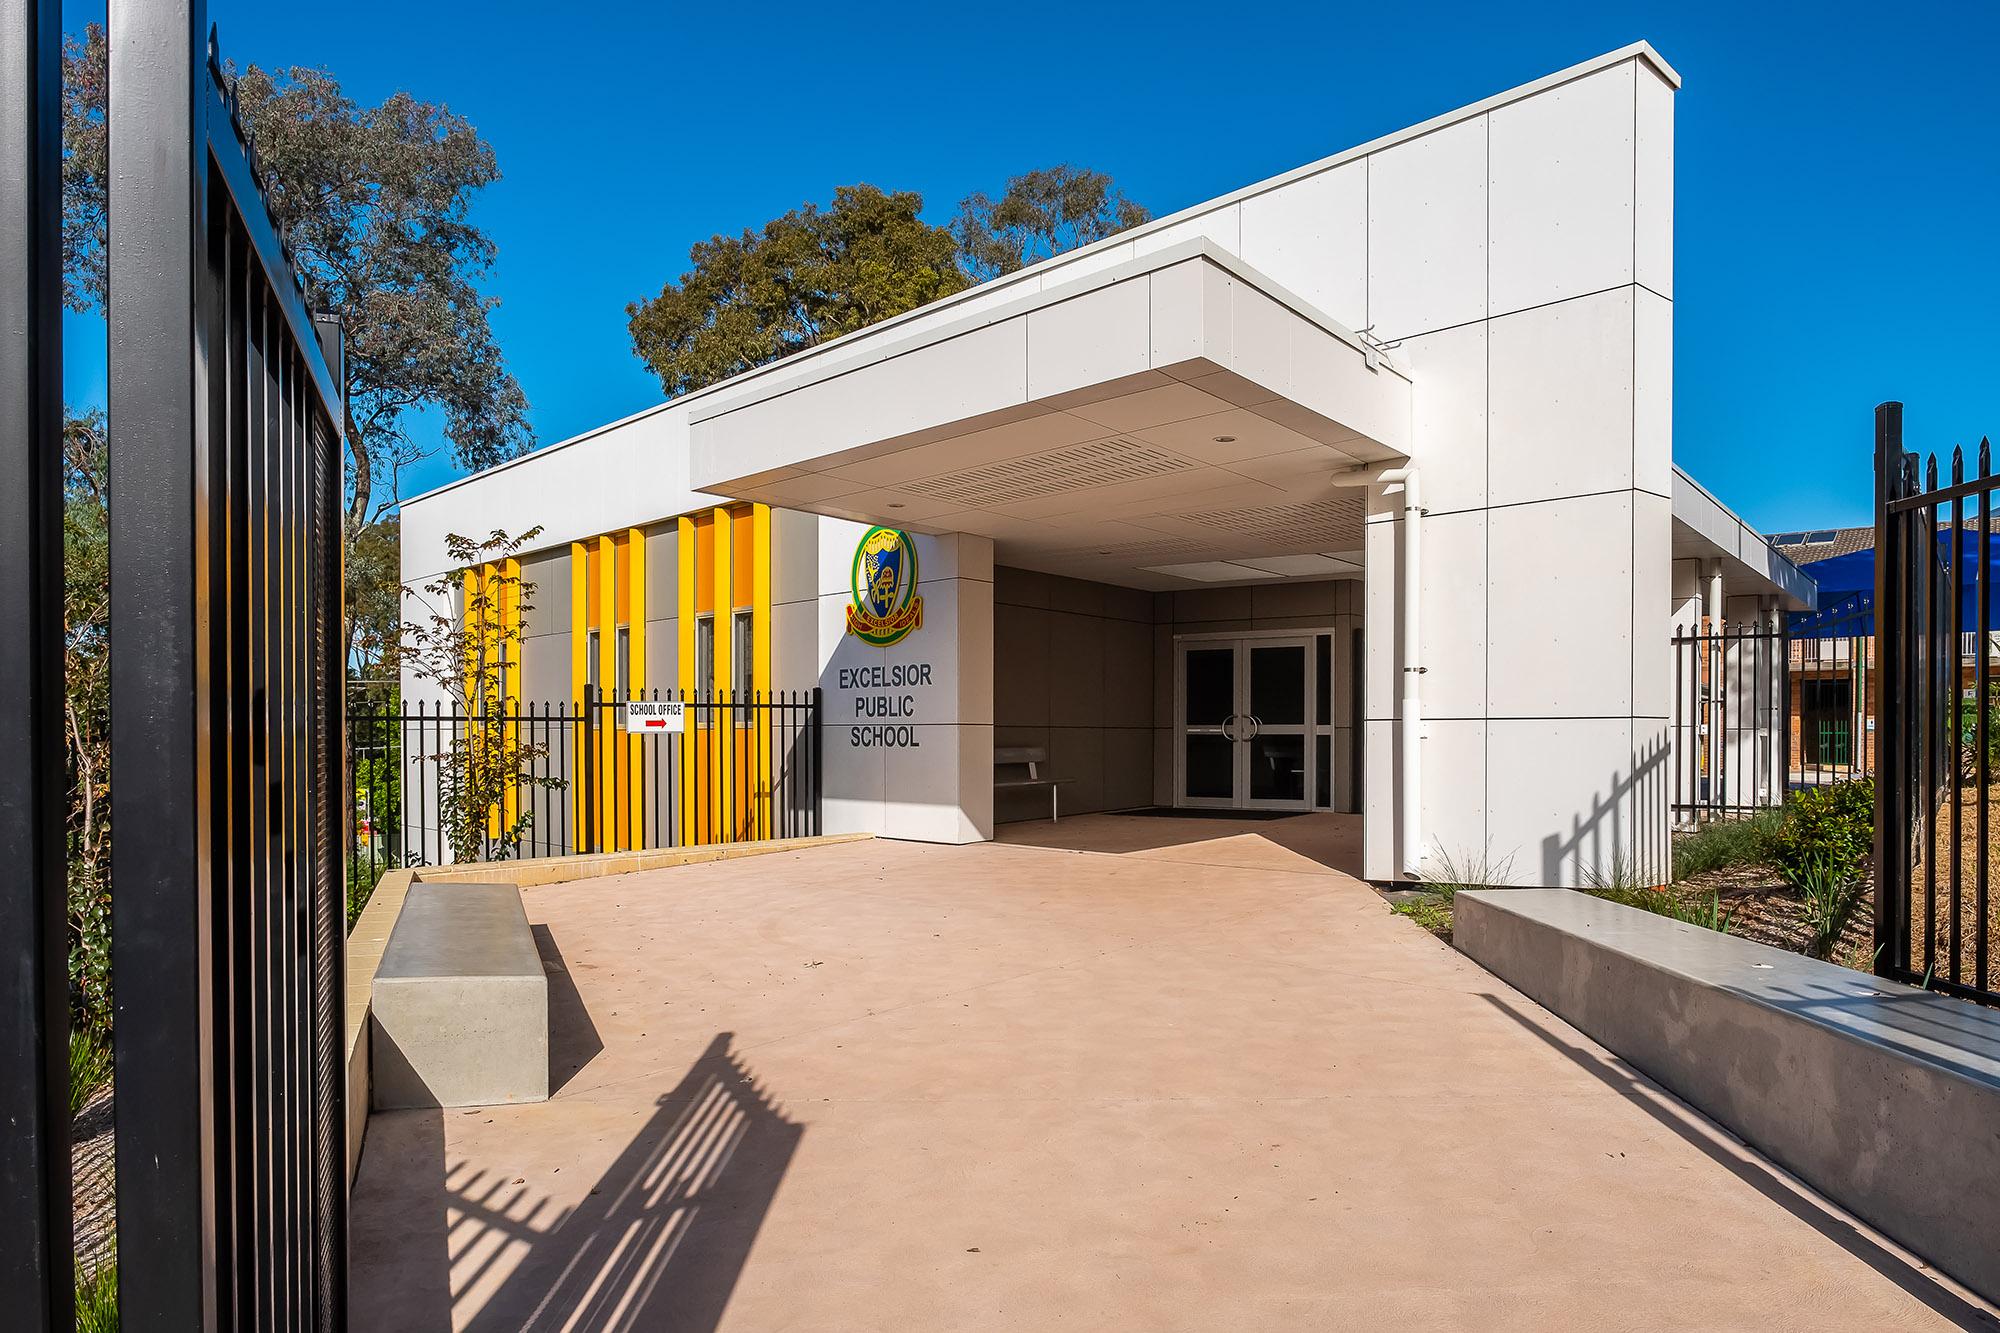 Excelsior Public School Front Entrance – Gardner Wetherill GW 2